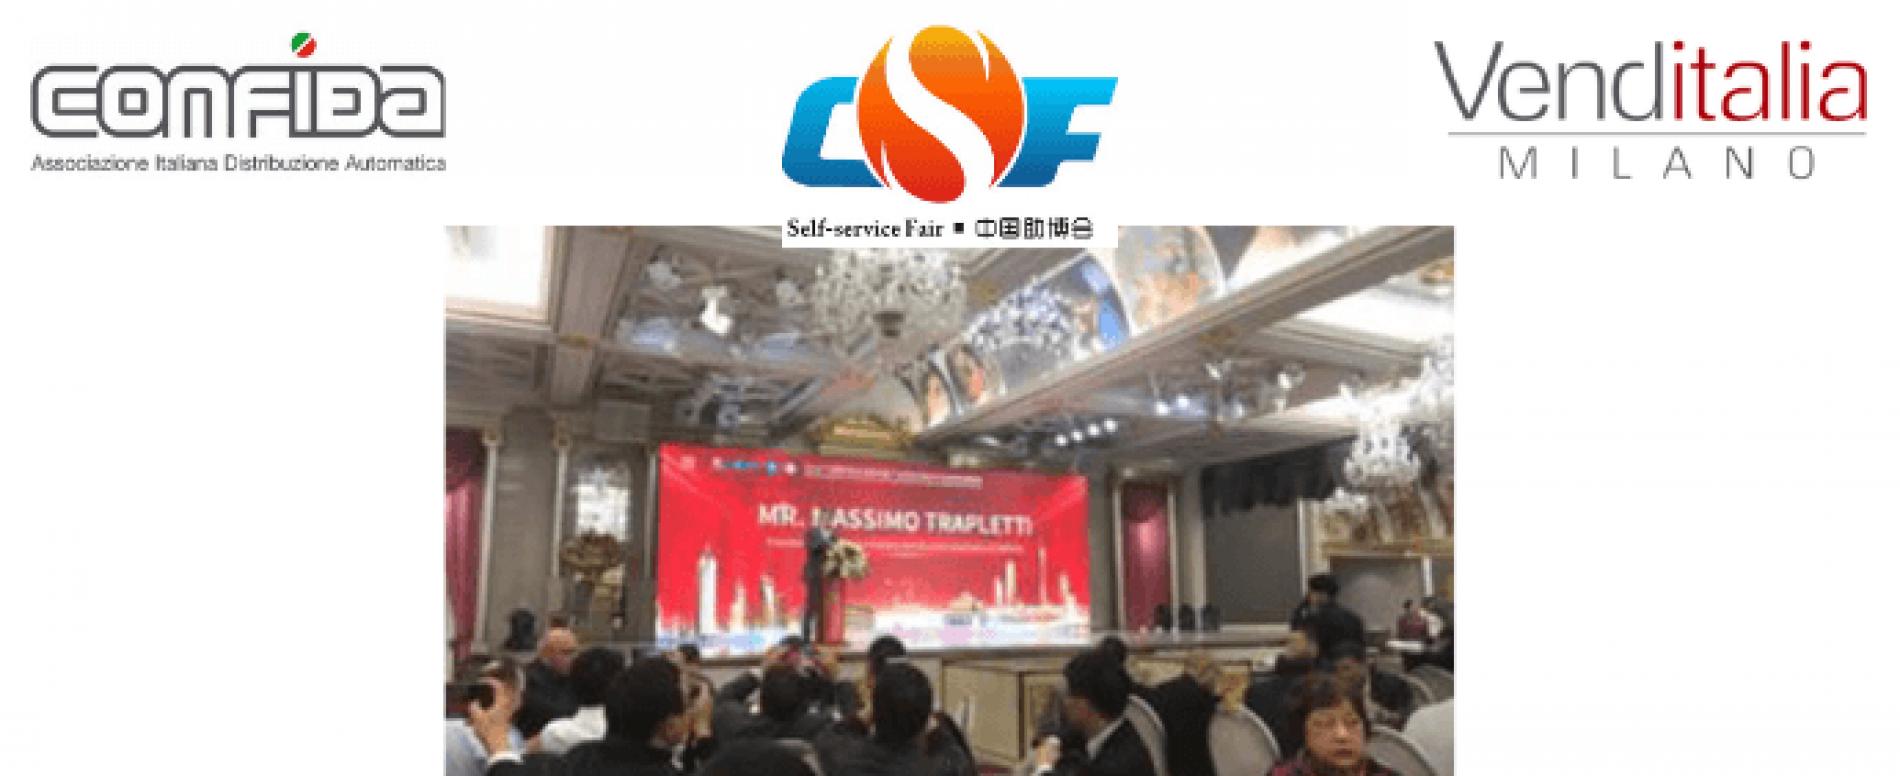 CONFIDA al China International Show per la promozione di Venditalia